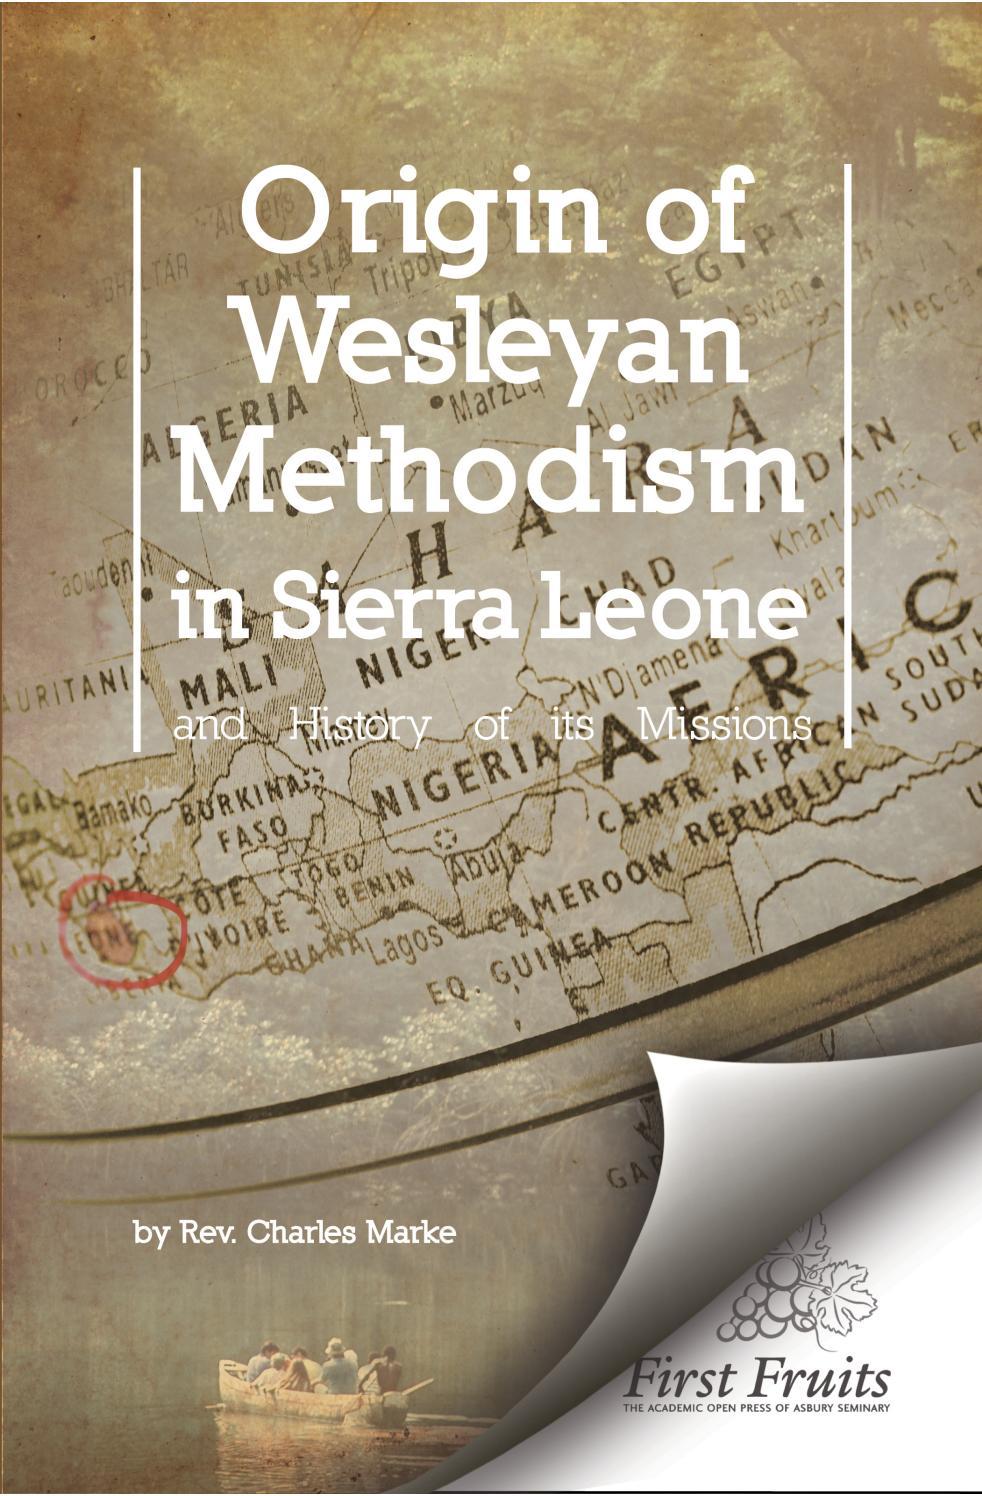 Origin of Wesleyan Methodism in Sierra Leone and History of